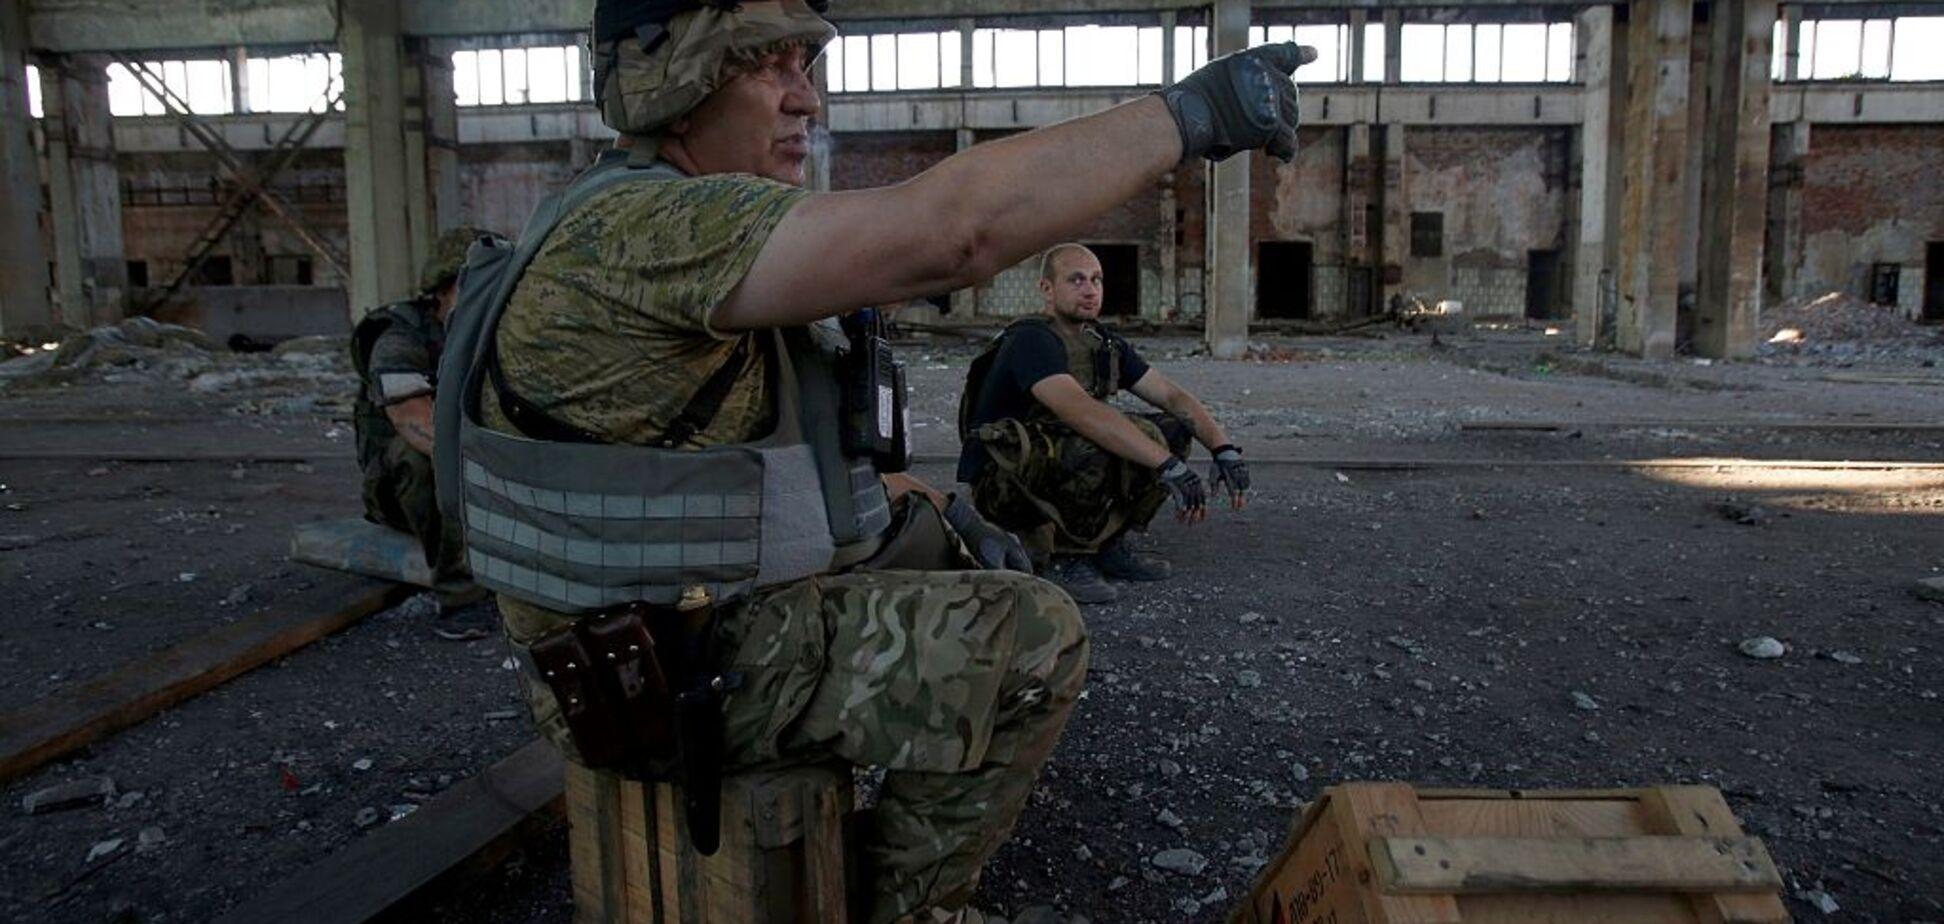 'Відкривали вогонь на поразку': терористи поранили бійця АТО під Авдіївкою